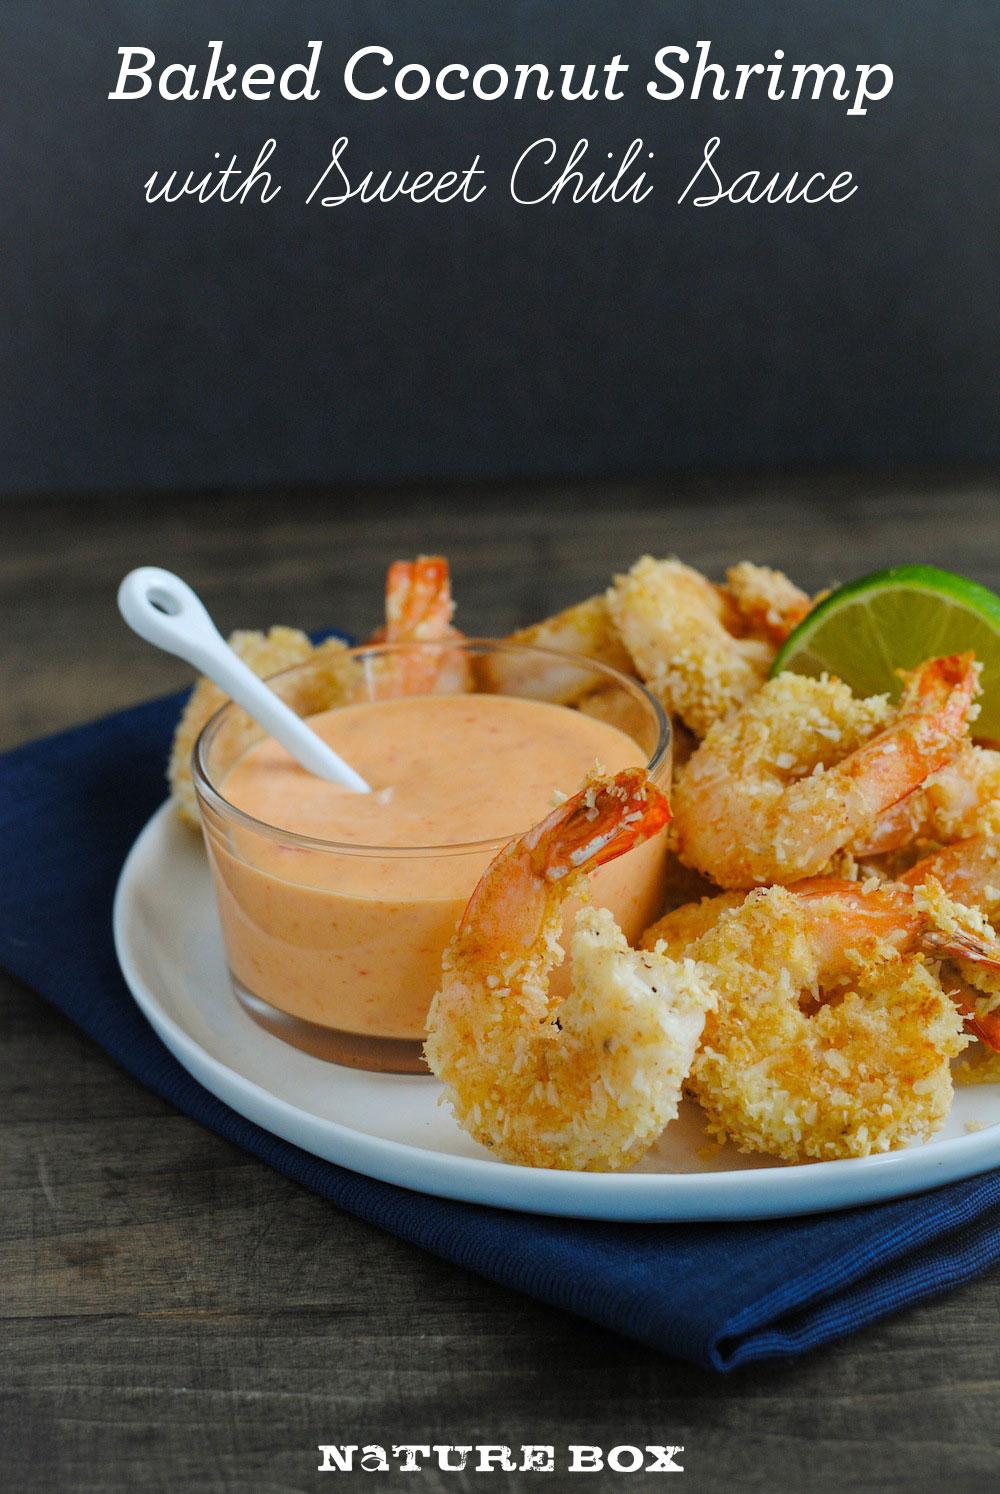 Baked shrimp recipe,coconut shrimp,easy shrimp recipe,shrimp appetizer,shrimp recipe